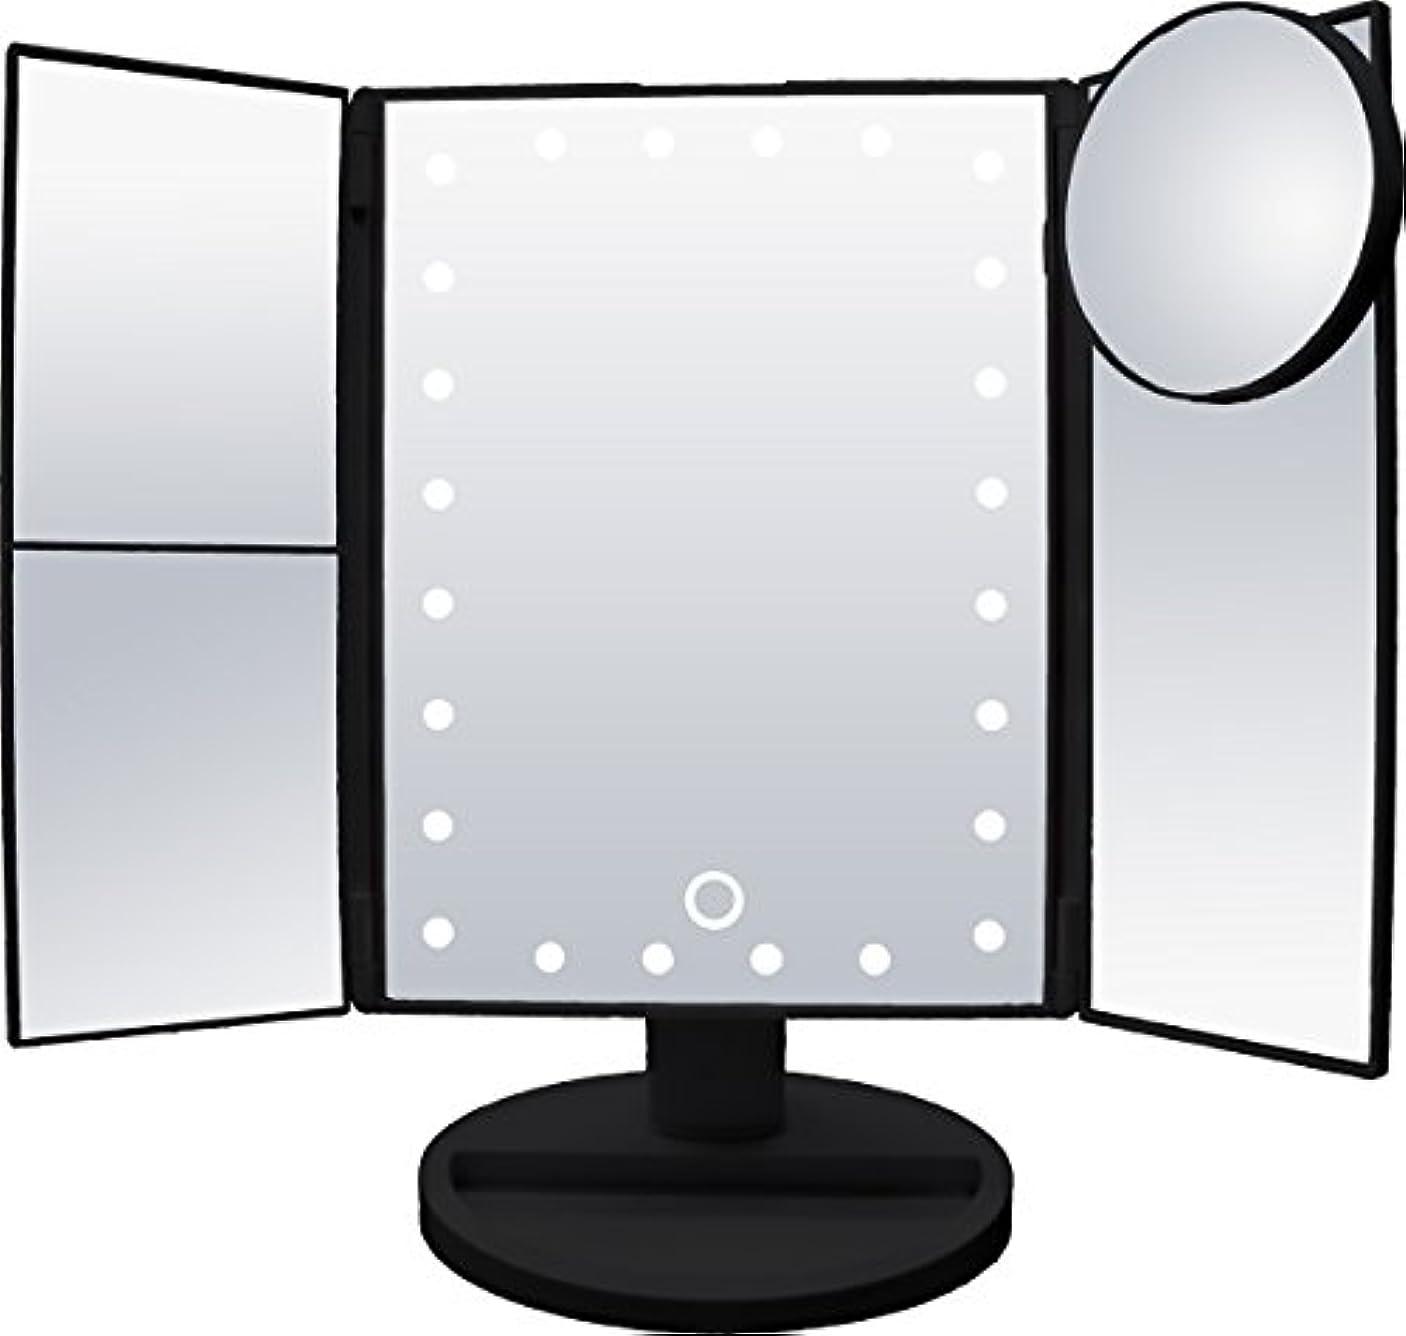 シェルター航海ののどsantasan LED化粧鏡 24灯LED 女優ミラー 15倍拡大鏡付き 卓上 折り畳み式 三面鏡 (ブラック)